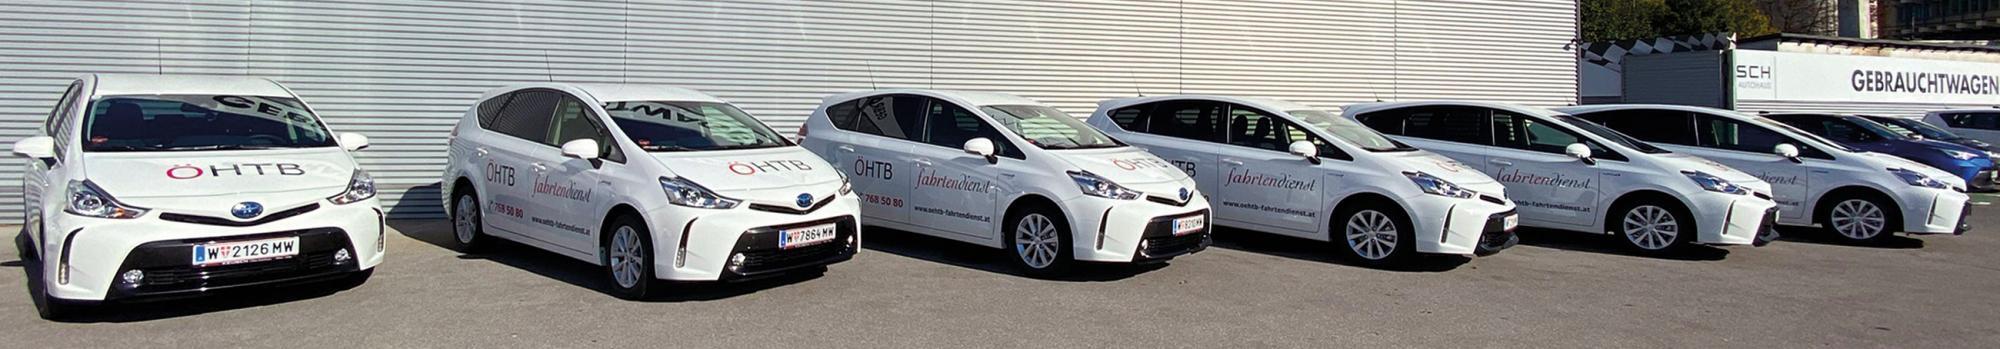 Wir fahren Hybrid!